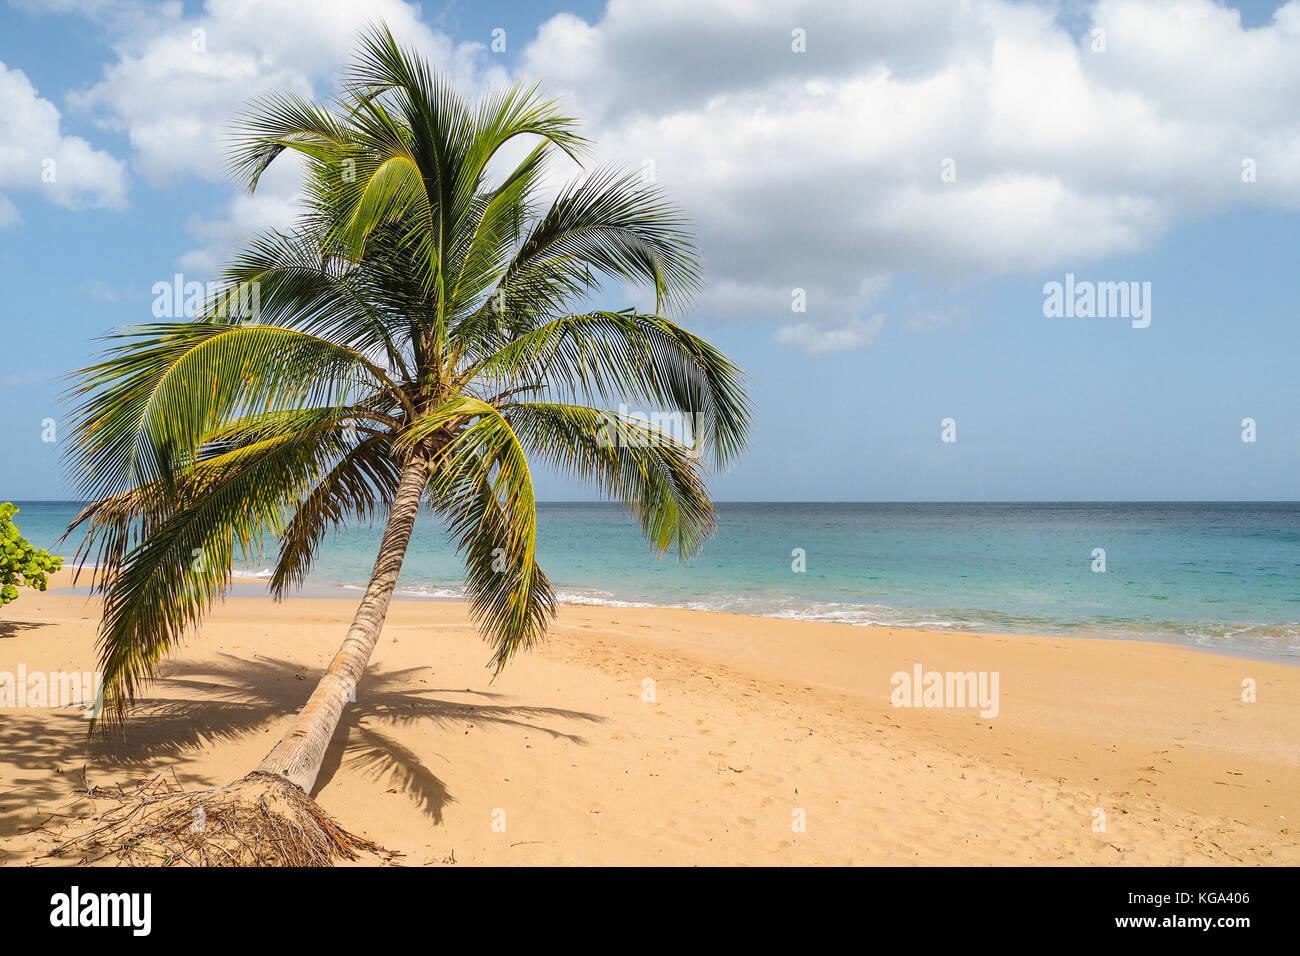 Lonely palm giacente sulla spiaggia sabbiosa di La Perle, Guadalupa Immagini Stock